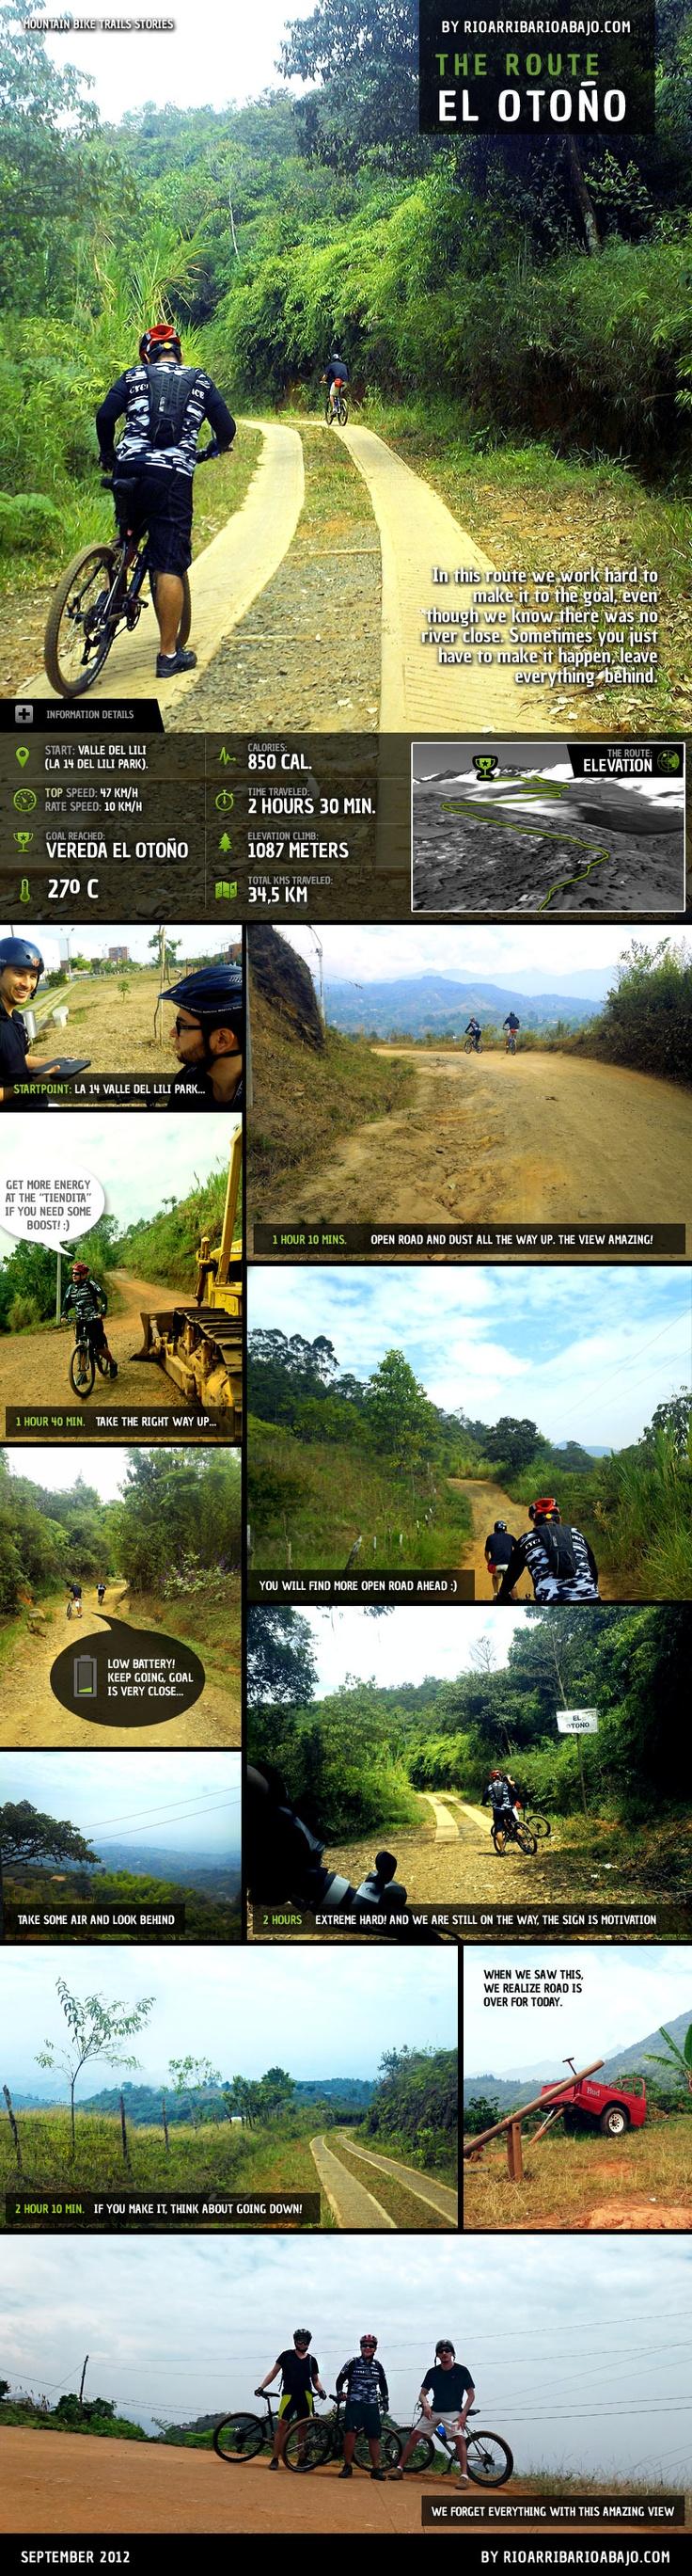 Ruta: El Otoño, una de las más exigentes que hemos encontrado! :)